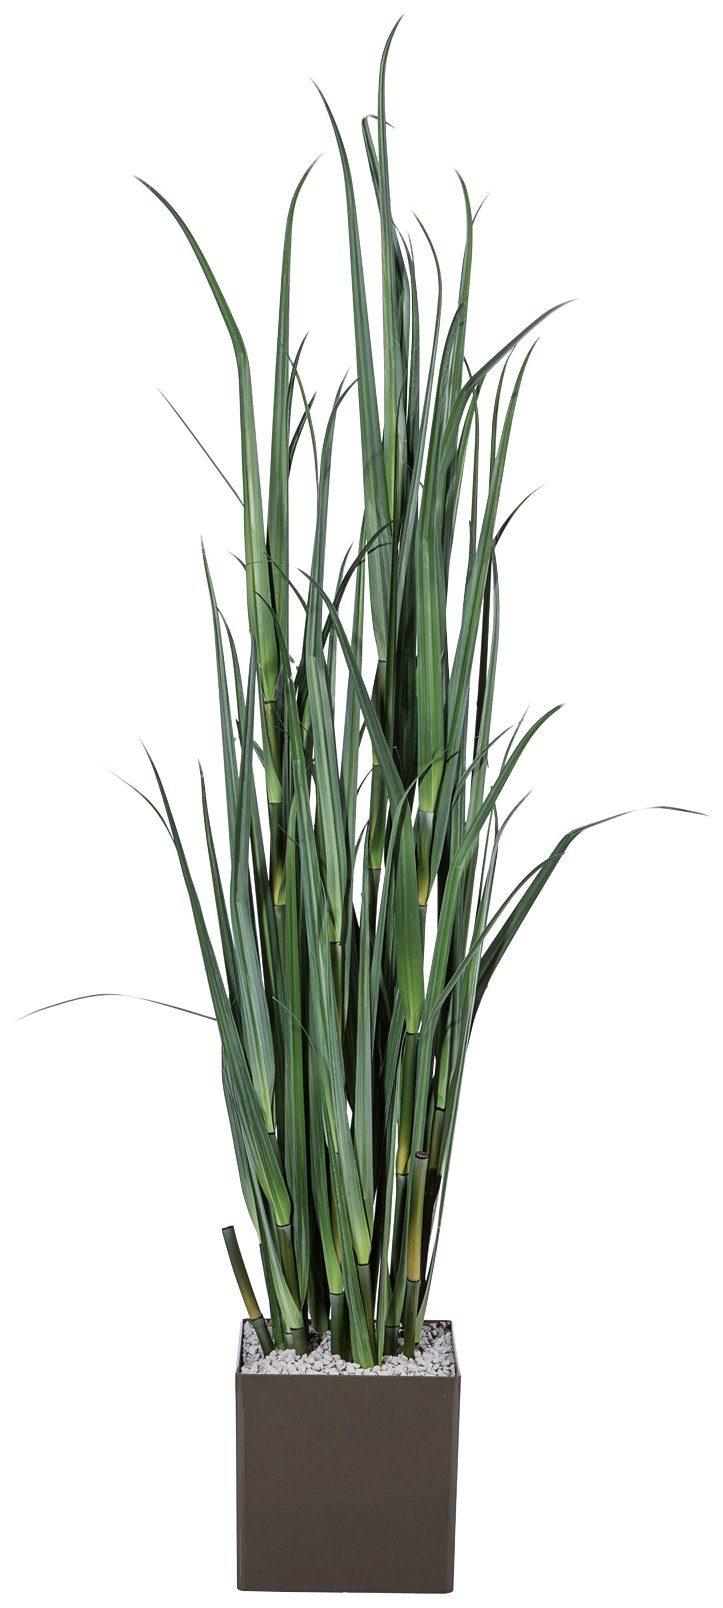 Kunstpflanze »Miscanthusgras«, im Kunststofftopf, H: 120 cm